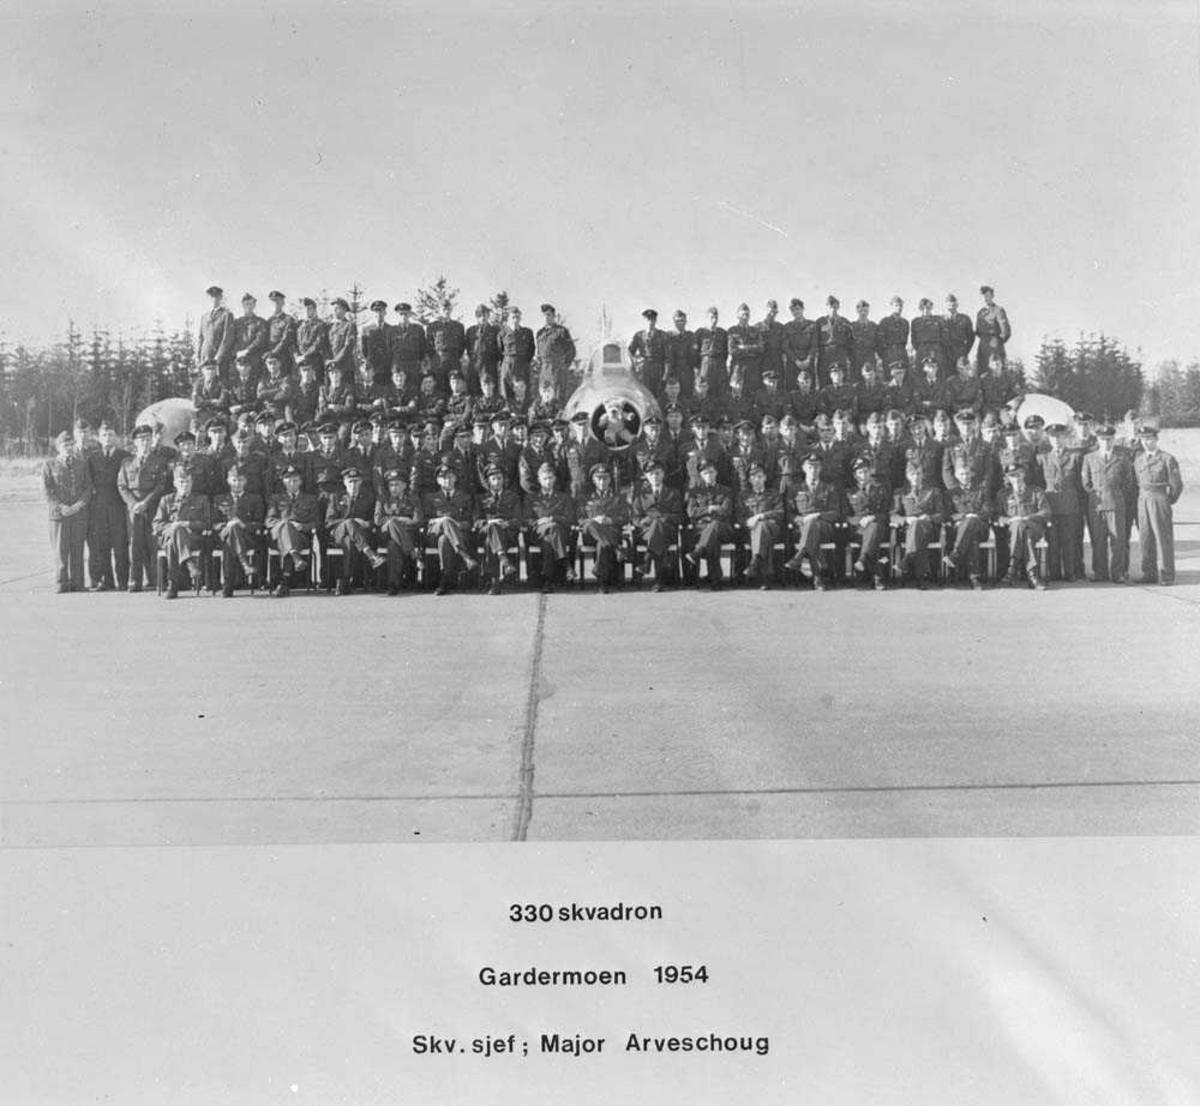 Gruppefoto av 330 skvadron, Gardermoen flystasjon. På første rekke, i midten sitter Major Nils Arveschaug. I midten sees en Republic F-84G Thunderjet.